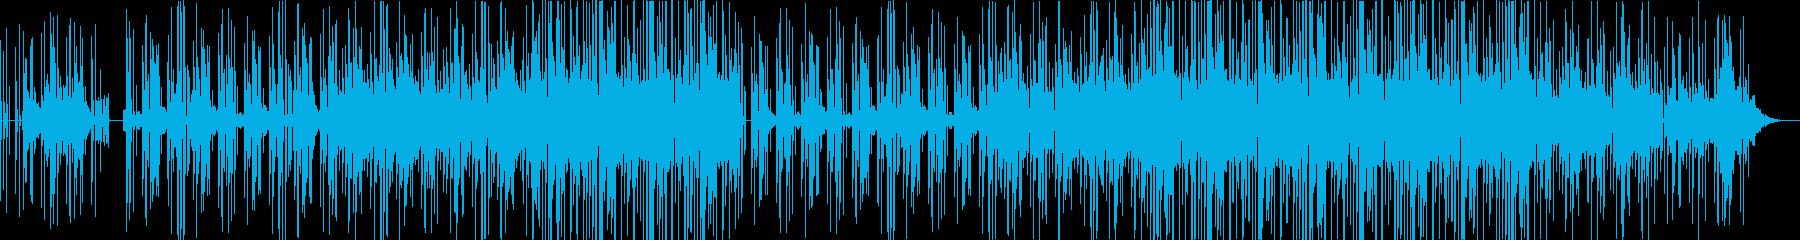 HIPHOPトラック洋楽風の再生済みの波形